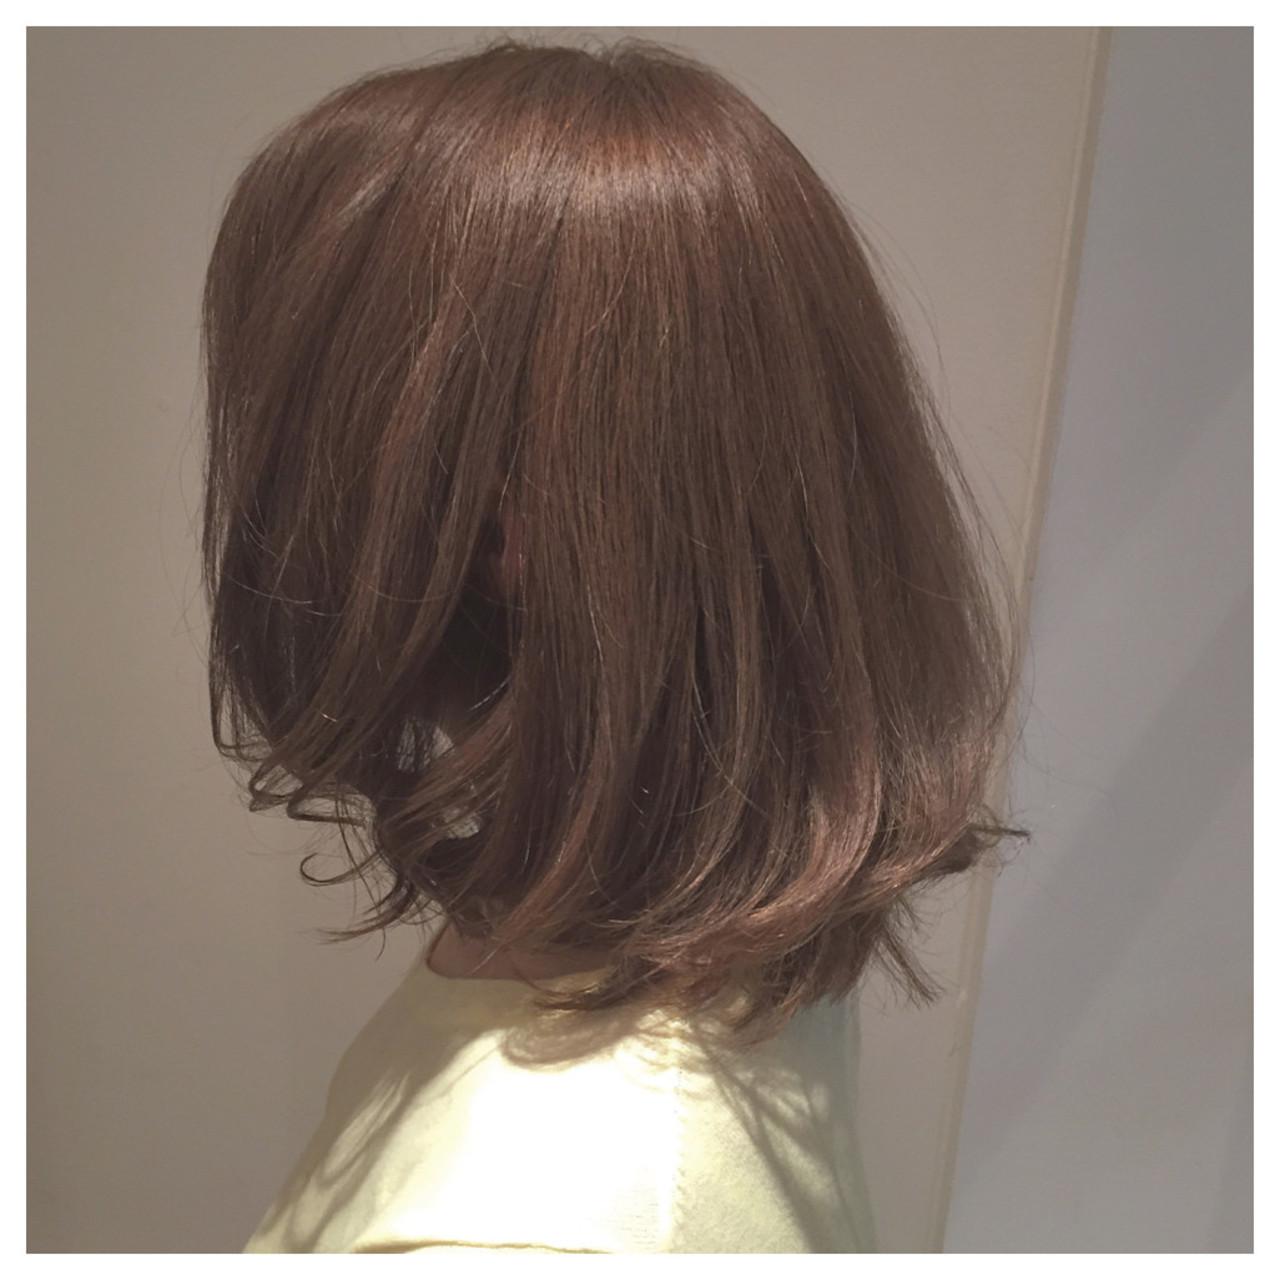 伸ばしかけ ストリート ミディアム グレージュ ヘアスタイルや髪型の写真・画像 | 佐々田 広大 / Chord【コード】